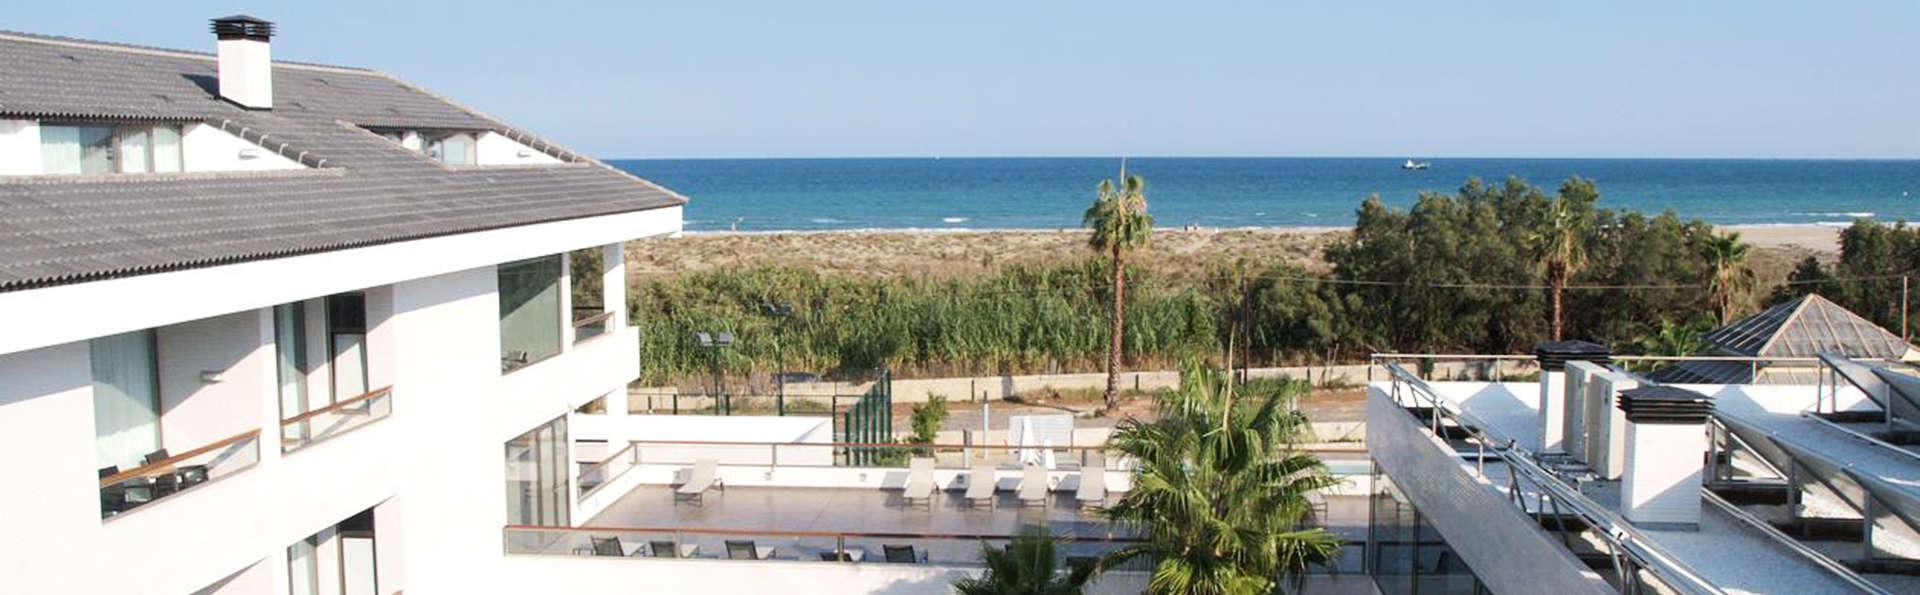 Hotel Els Arenals - EDIT_exterior.jpg